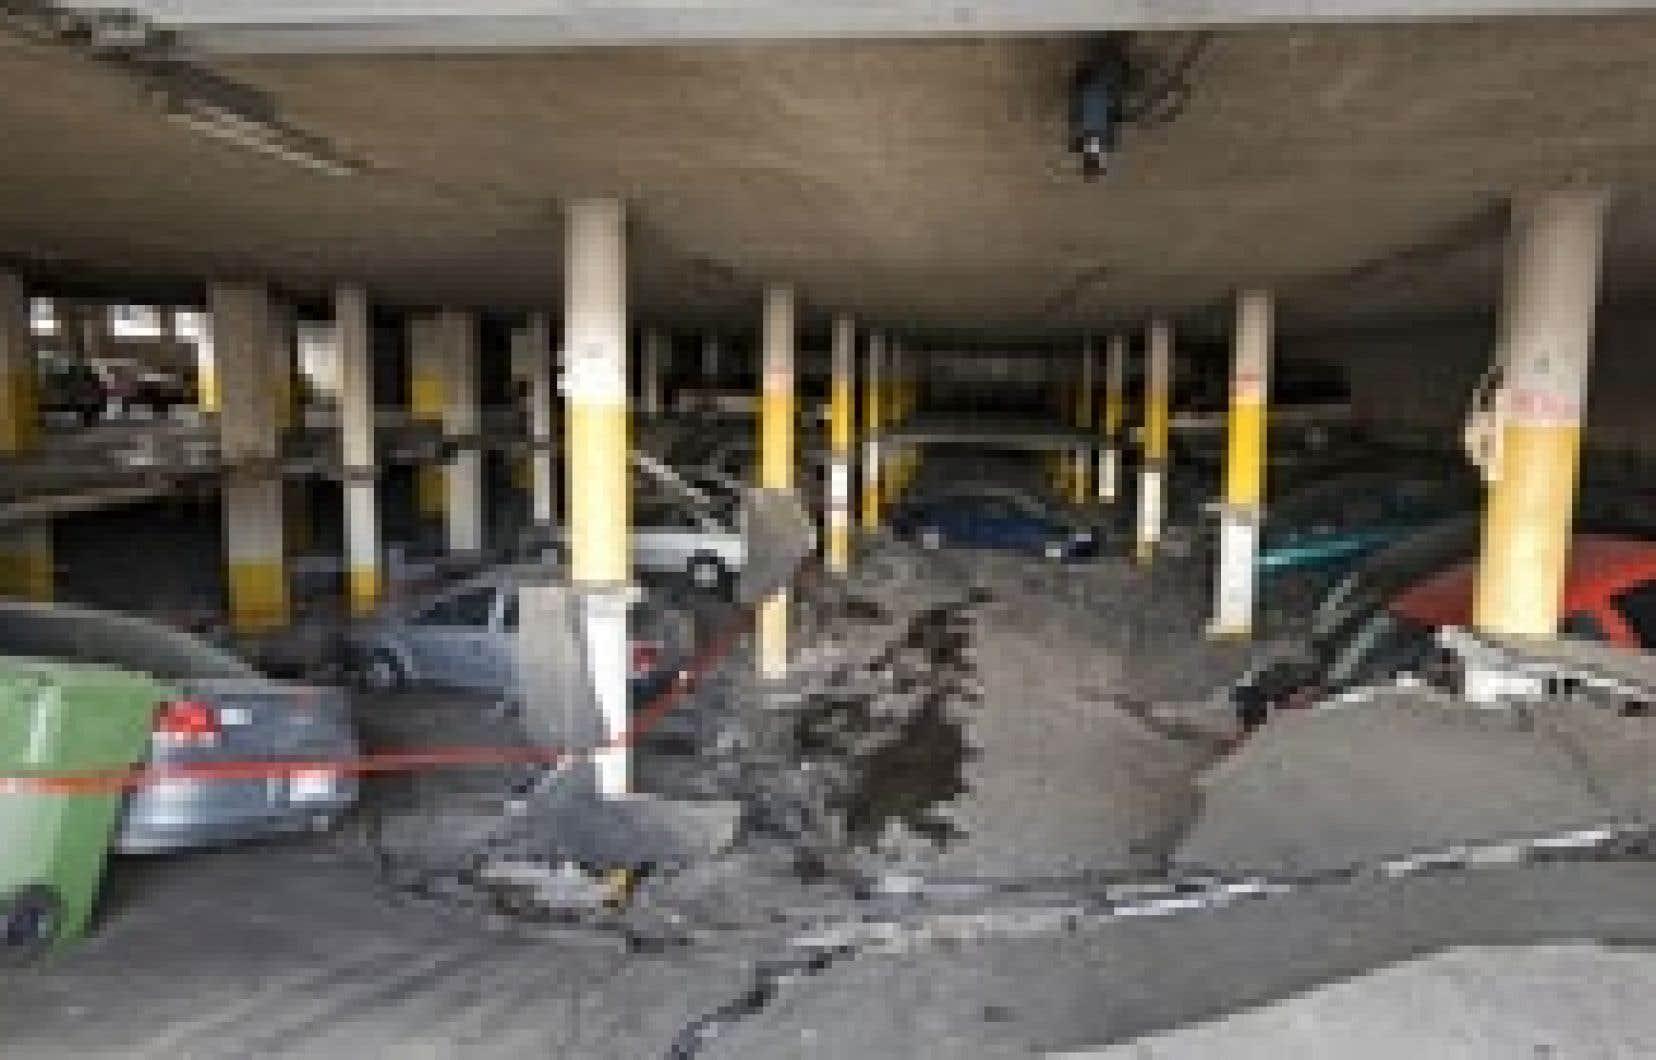 Pour une raison encore inconnue, une dalle de béton de 900 mètres carrés d'un stationnement souterrain adjacent à un immeuble de Saint-Laurent s'est effondré sur les voitures stationnées, hier matin, tuant un homme de 36 ans dans son véhicule.